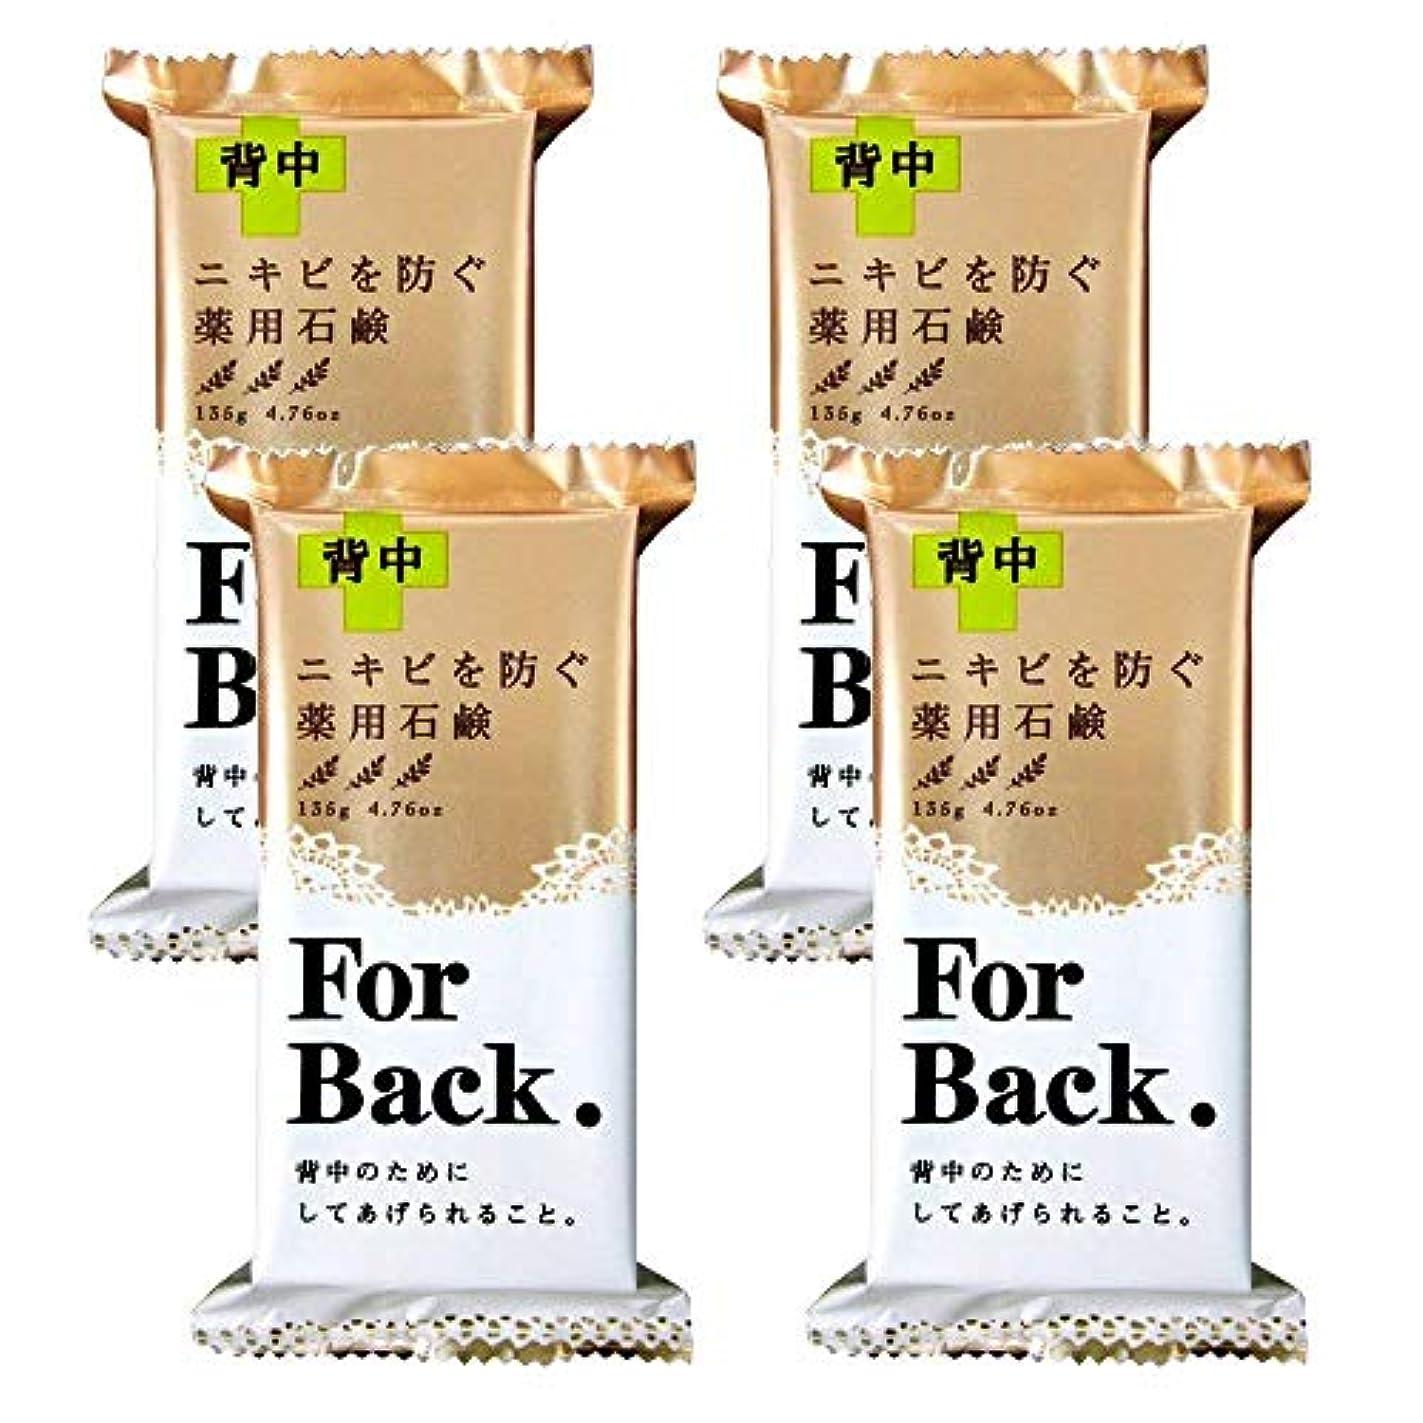 養う禁輸延ばす薬用石鹸 ForBack 135g×4個セット